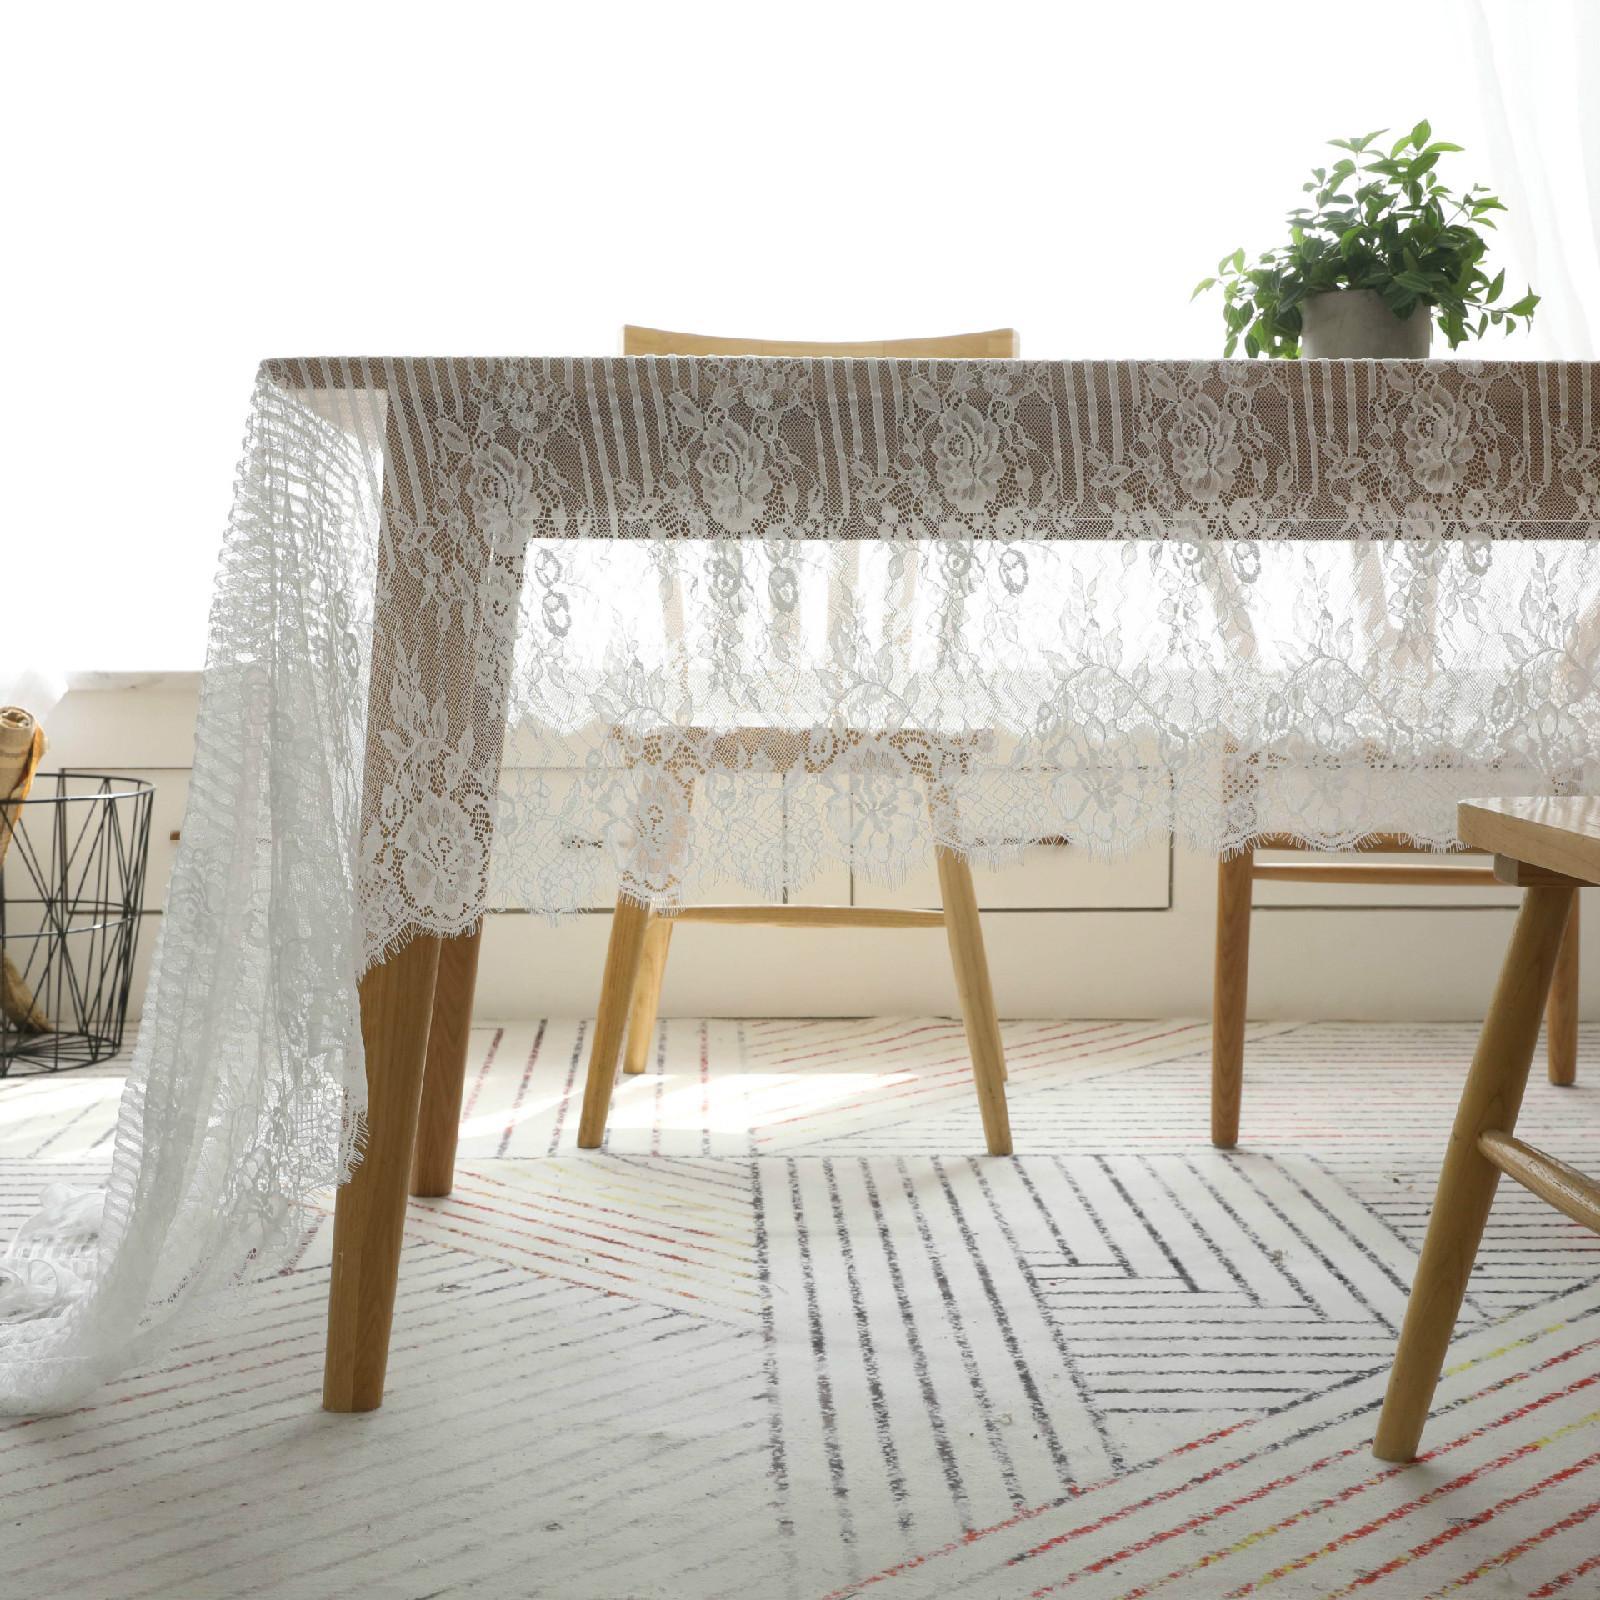 Blumen-Spitze-Tabellen-Tuch Durchlässiger Tee und Kaffee Tischdecke weißen Streifen-Mode-Kunst Bar Tischtuch